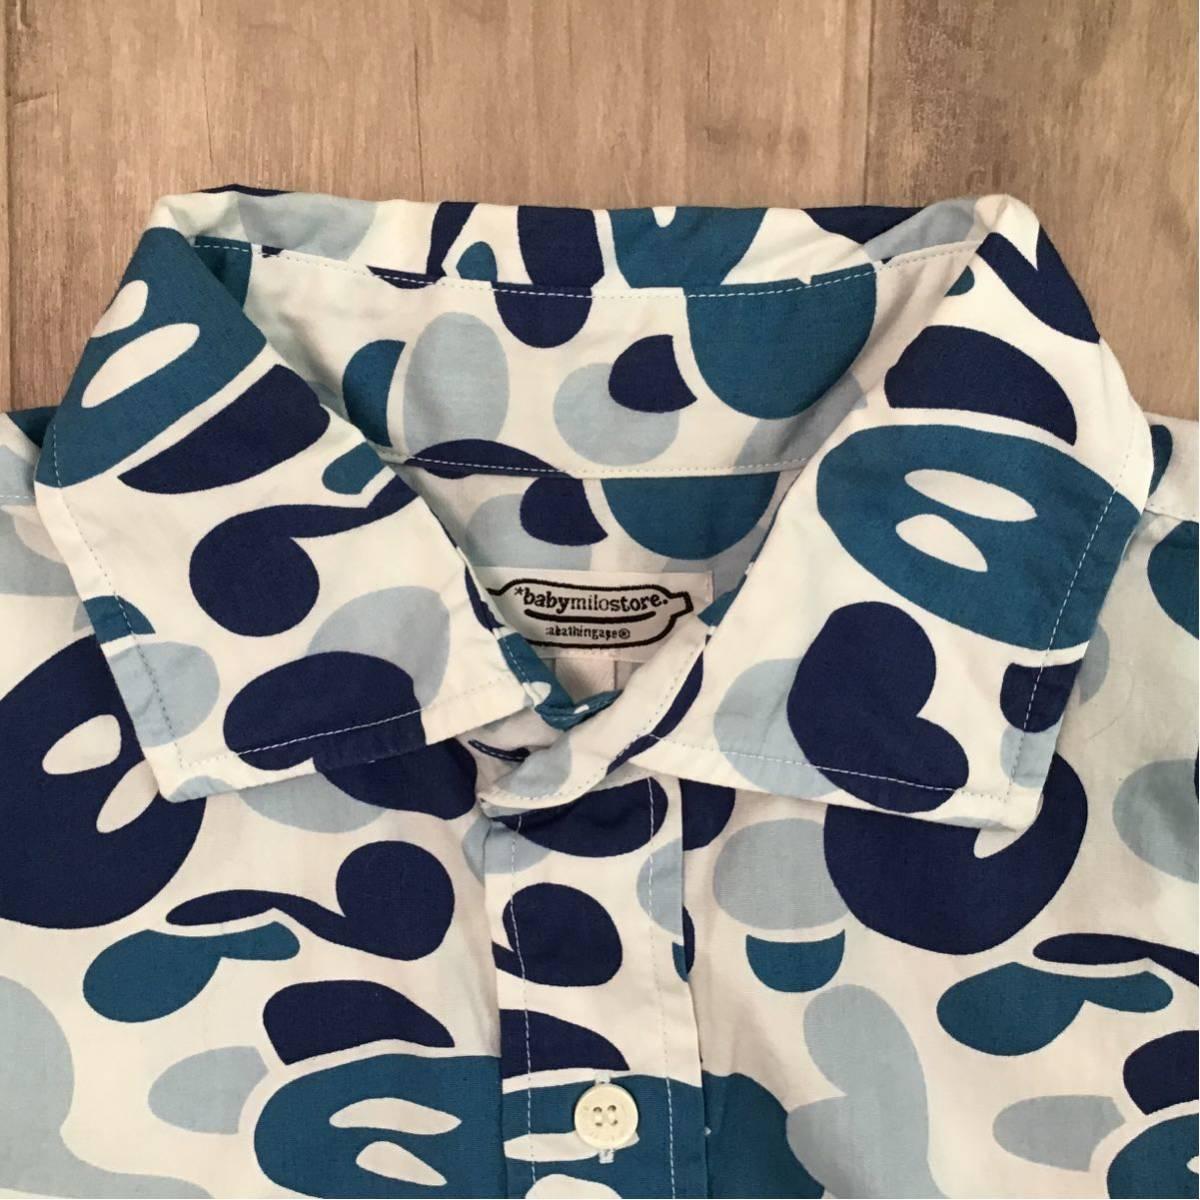 ★未使用★ ABC milo camo blue 半袖シャツ Mサイズ a bathing ape bape エイプ ベイプ アベイシングエイプ ABCカモ マイロ 迷彩 nigo qg21